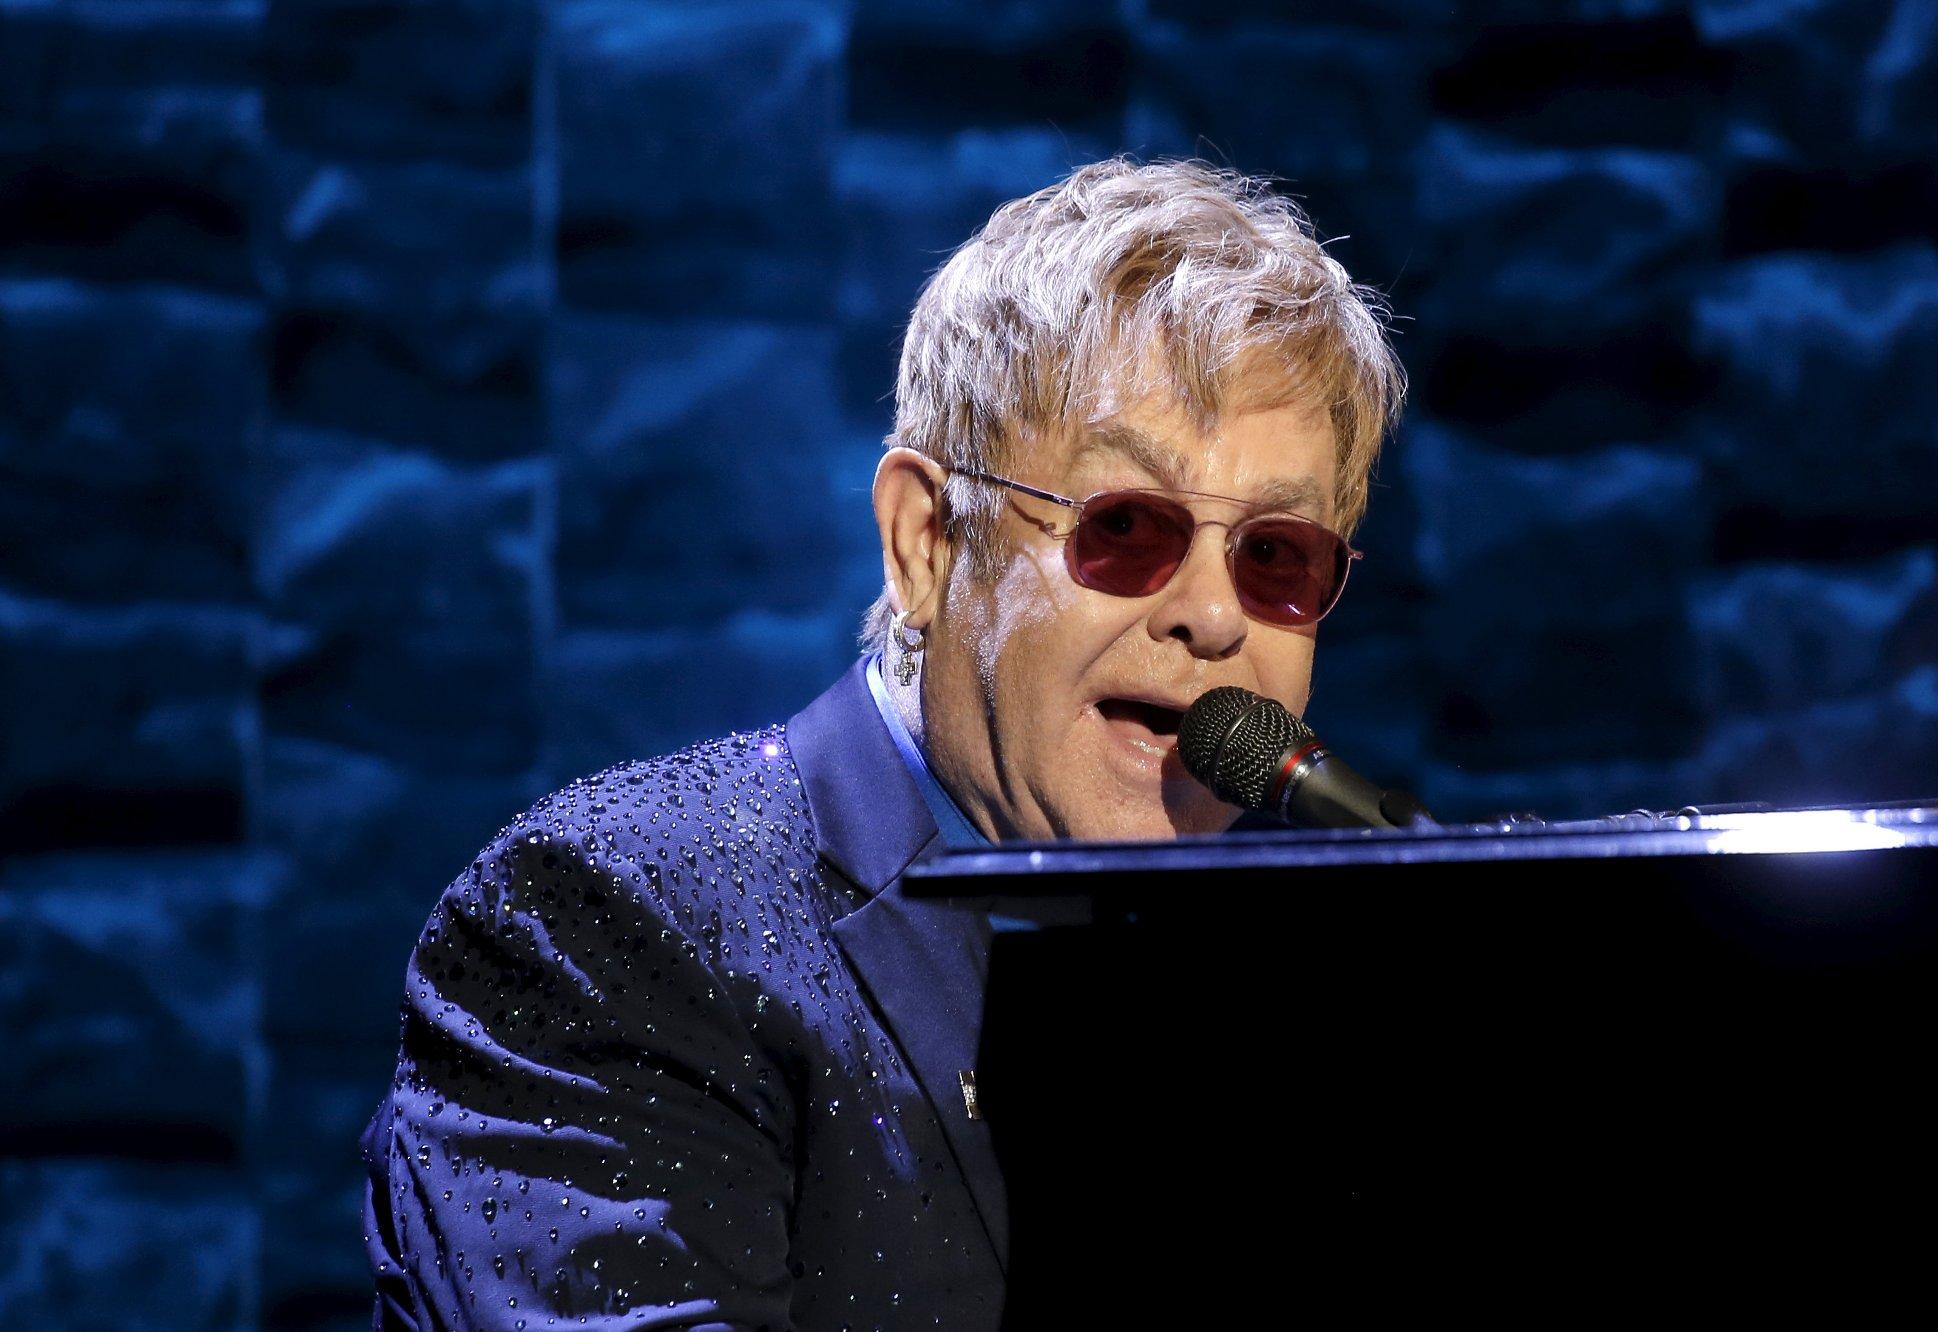 Venteliste for å synge Elton John i Hamar kulturhus